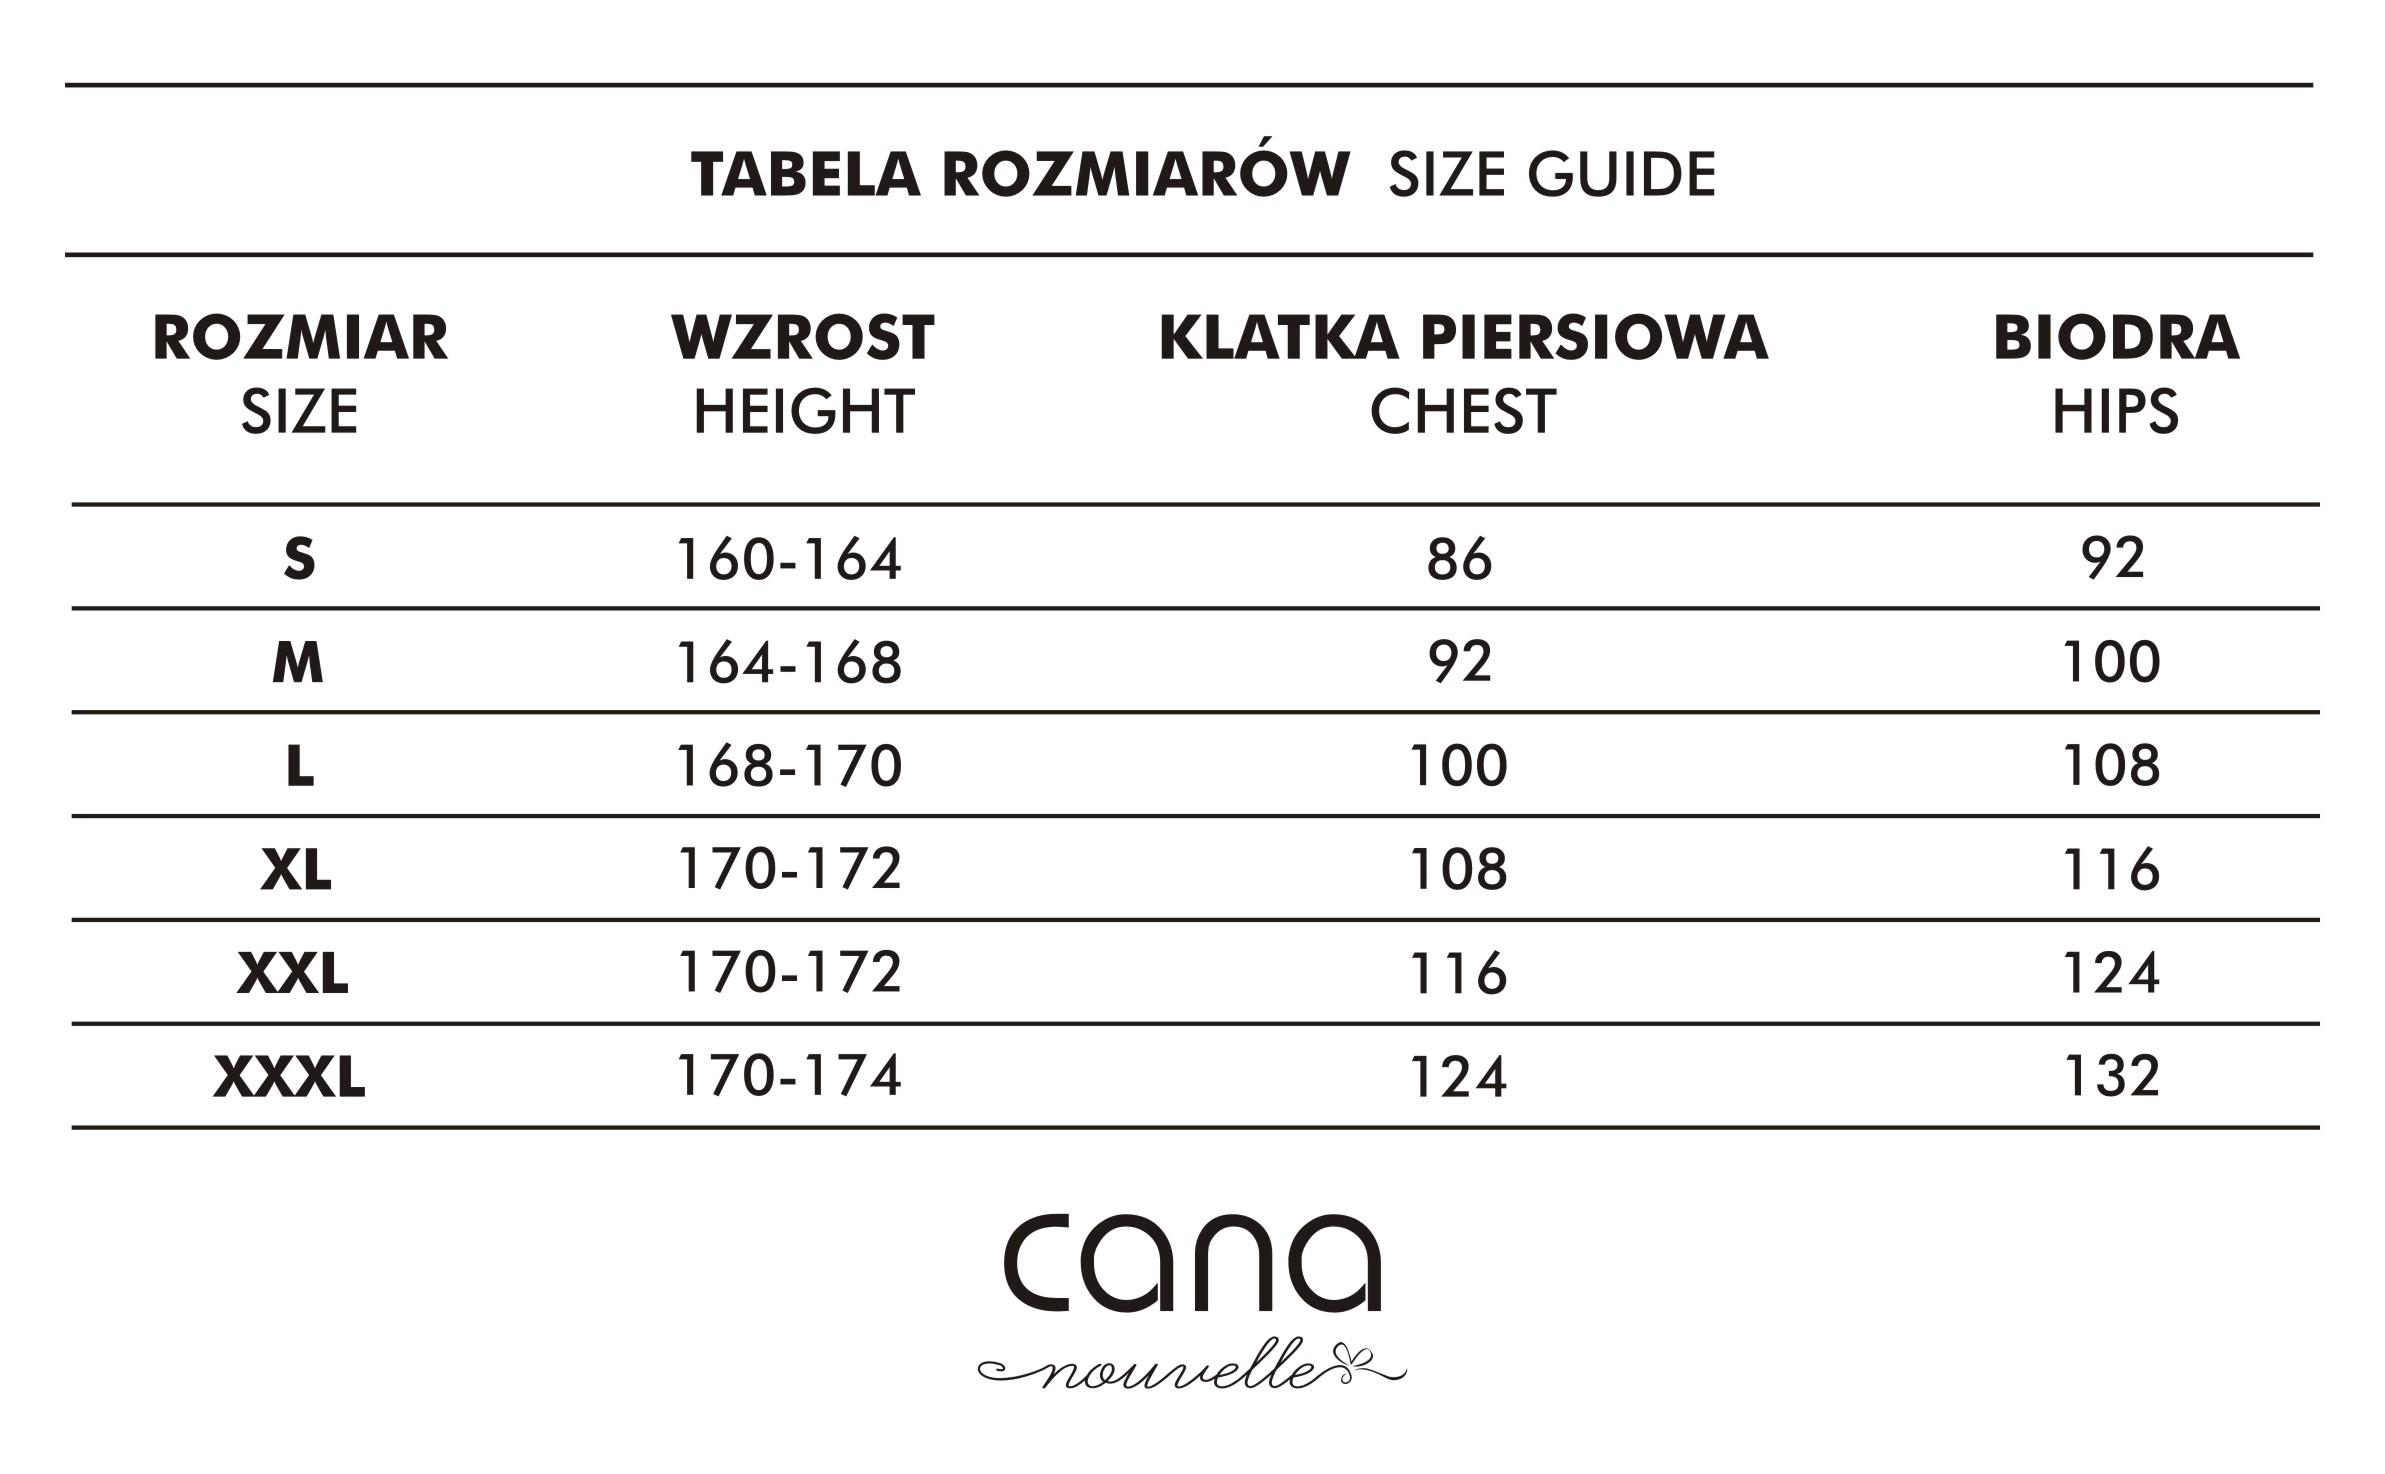 Tabela rozmiarów bielizna Cana